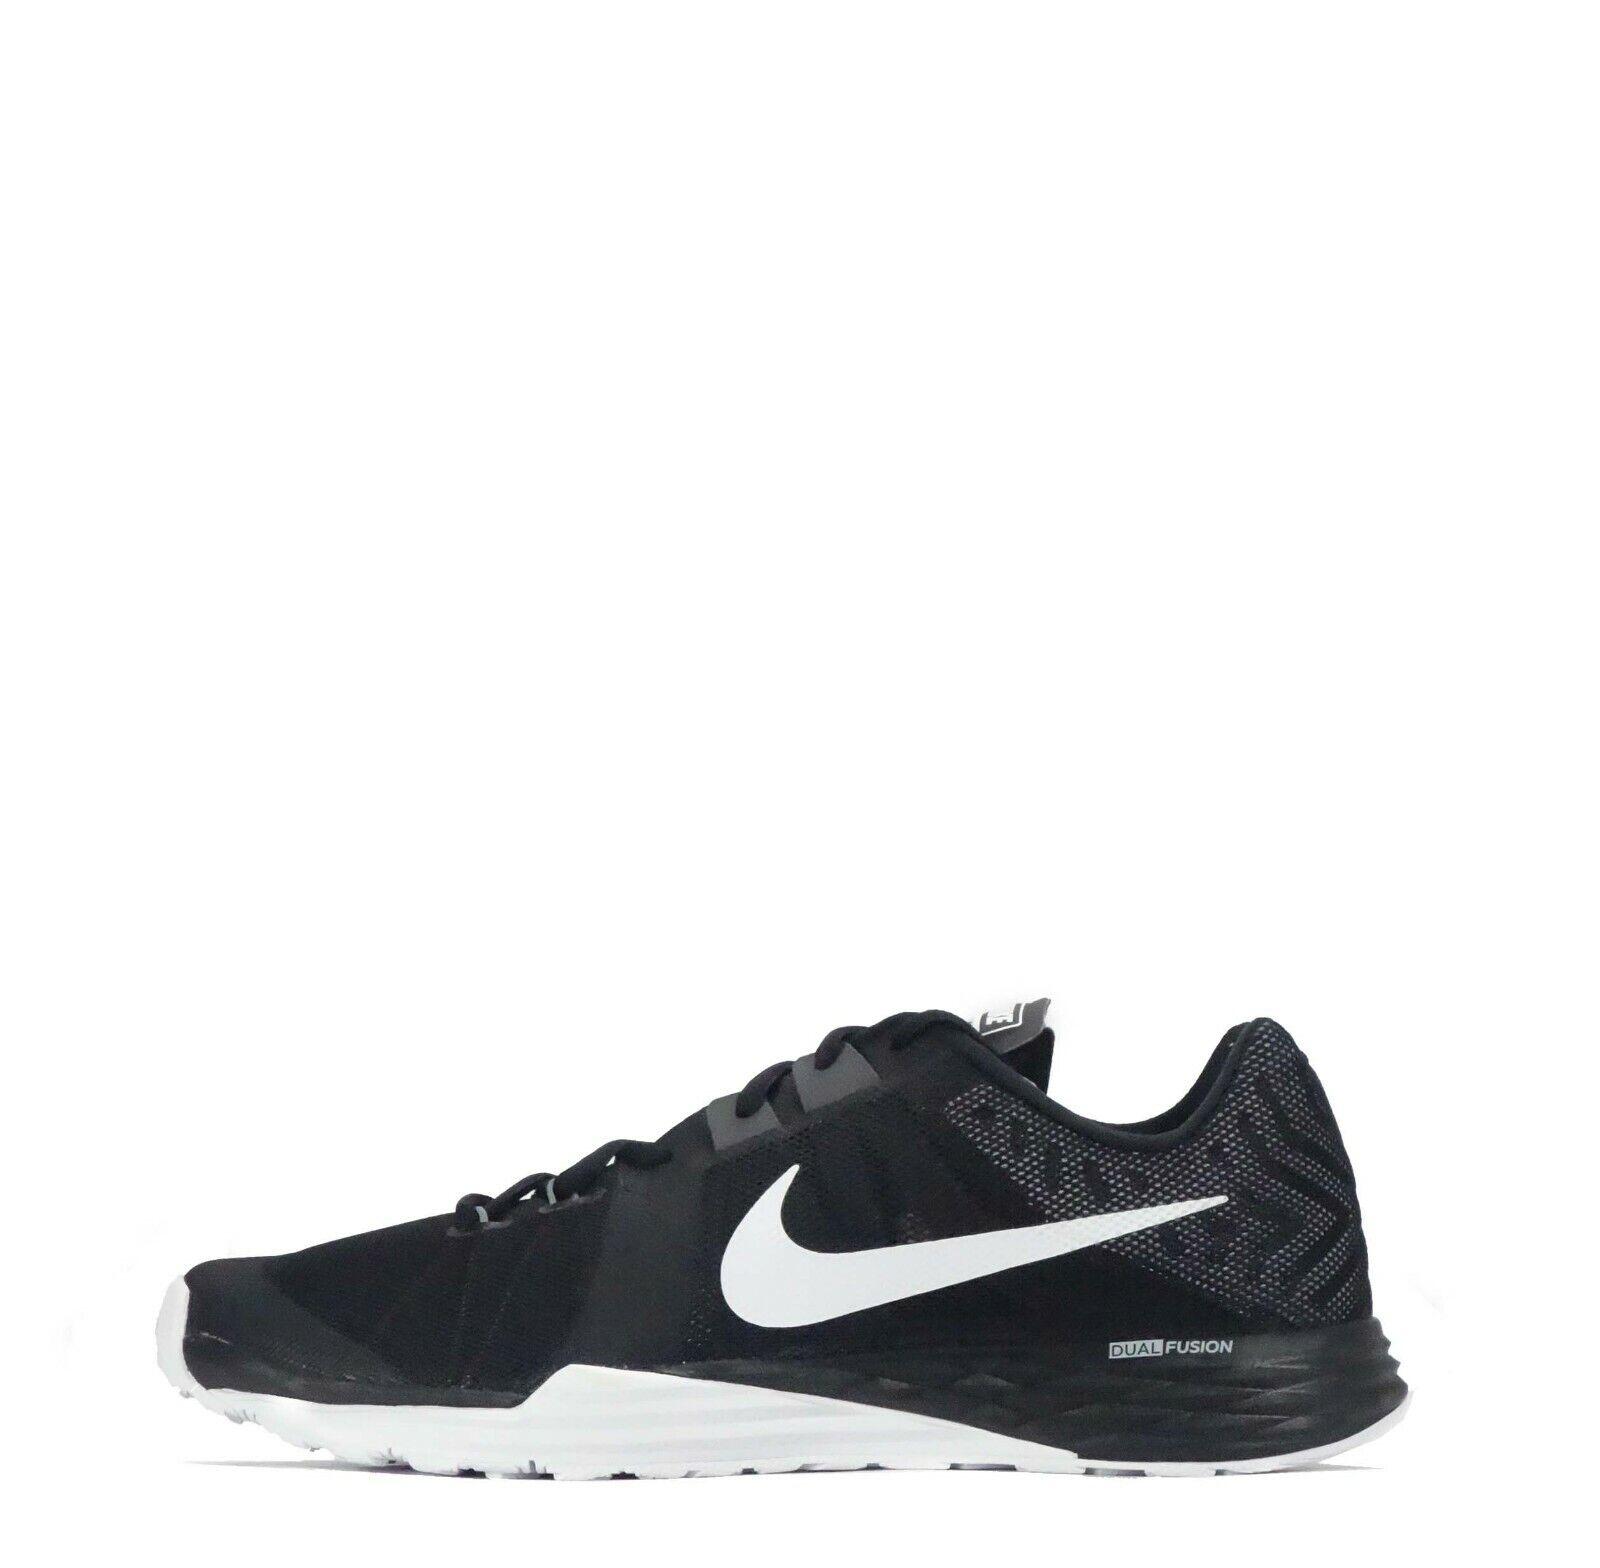 Nike Train Prime Iron DF Men's Training shoes, Black White